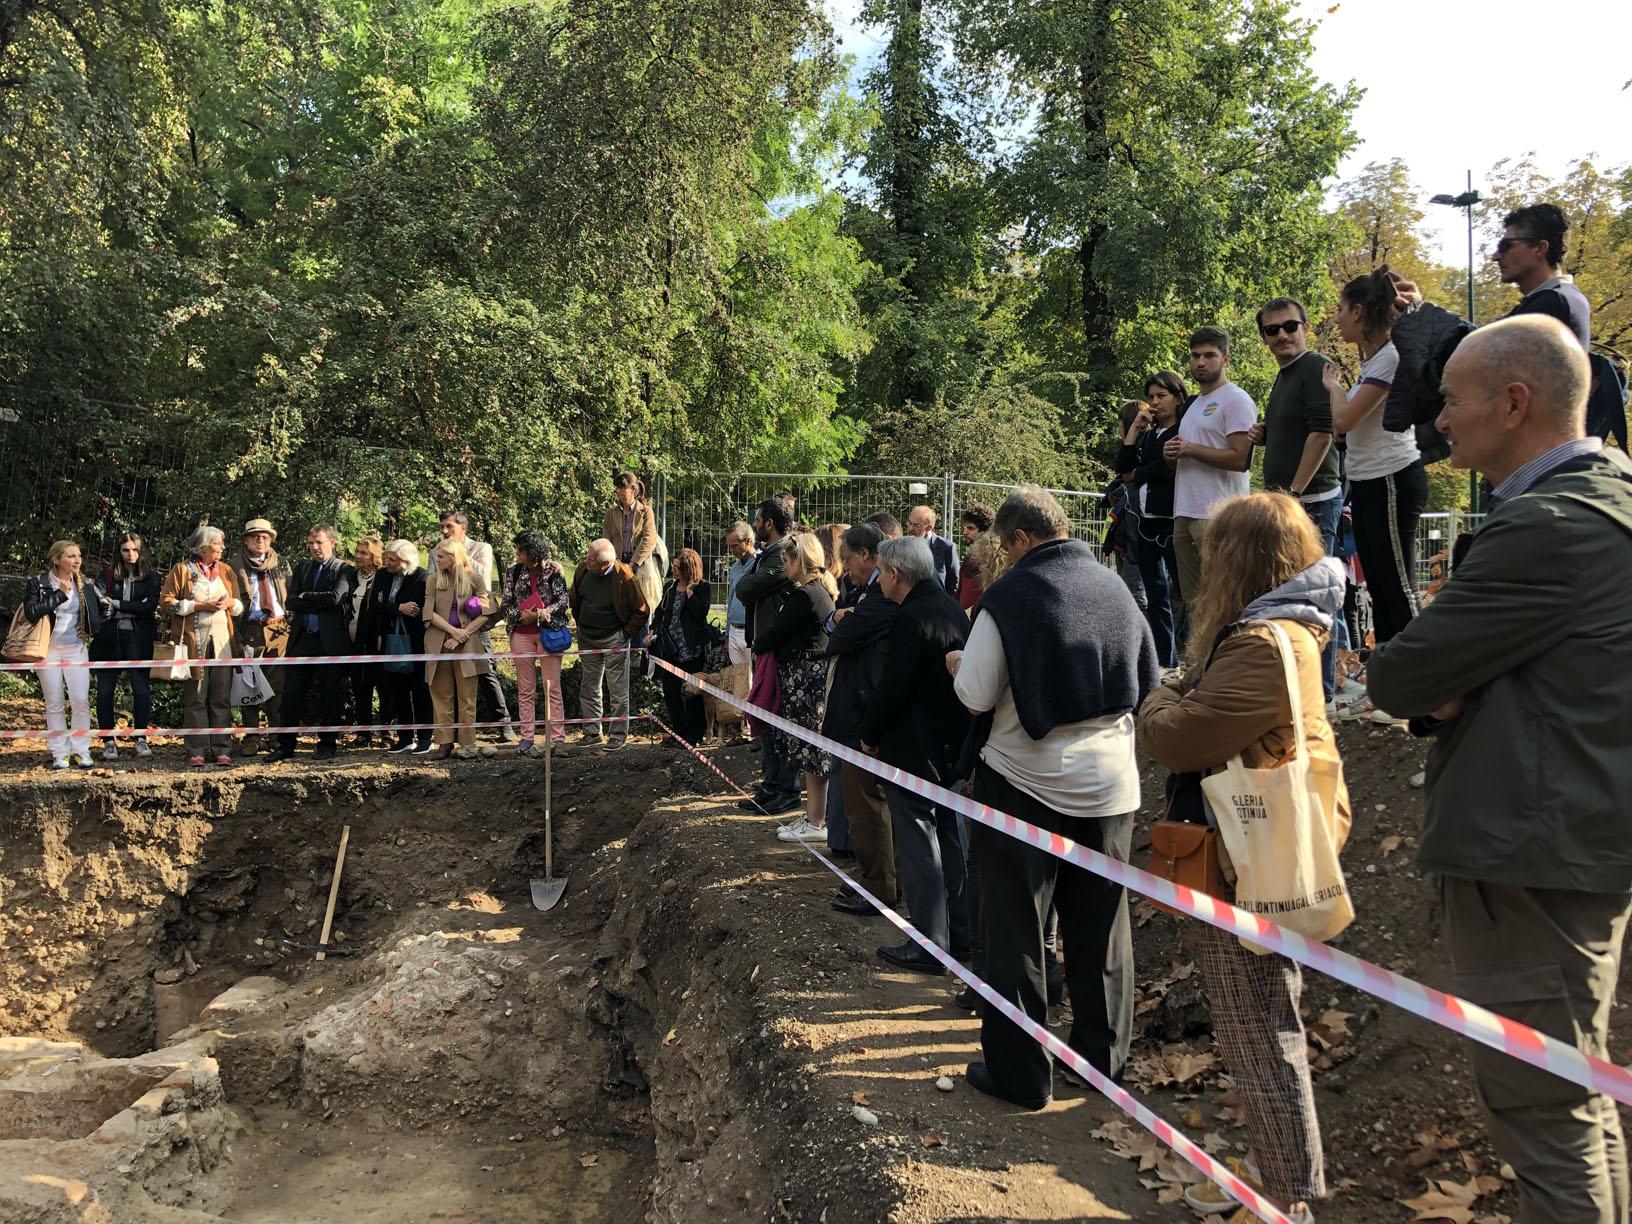 La Soprintendente illustra i ritrovamenti e gli studi sulla Chiesa di San Dionigi (8 ottobre 2019)